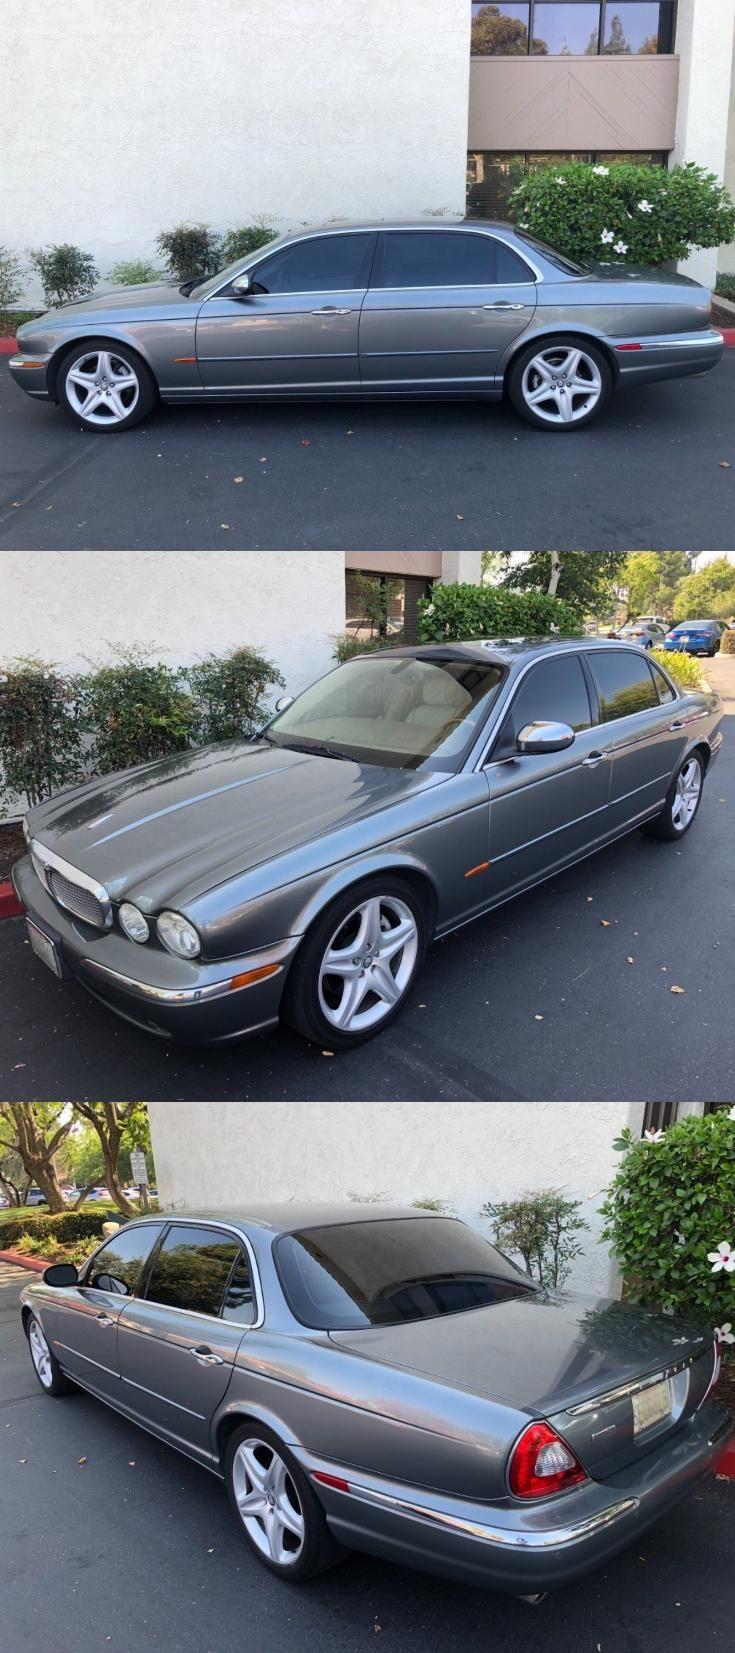 2005 Jaguar Xj8 Vanden Plas Jaguars For Sale Pinterest Jaguar